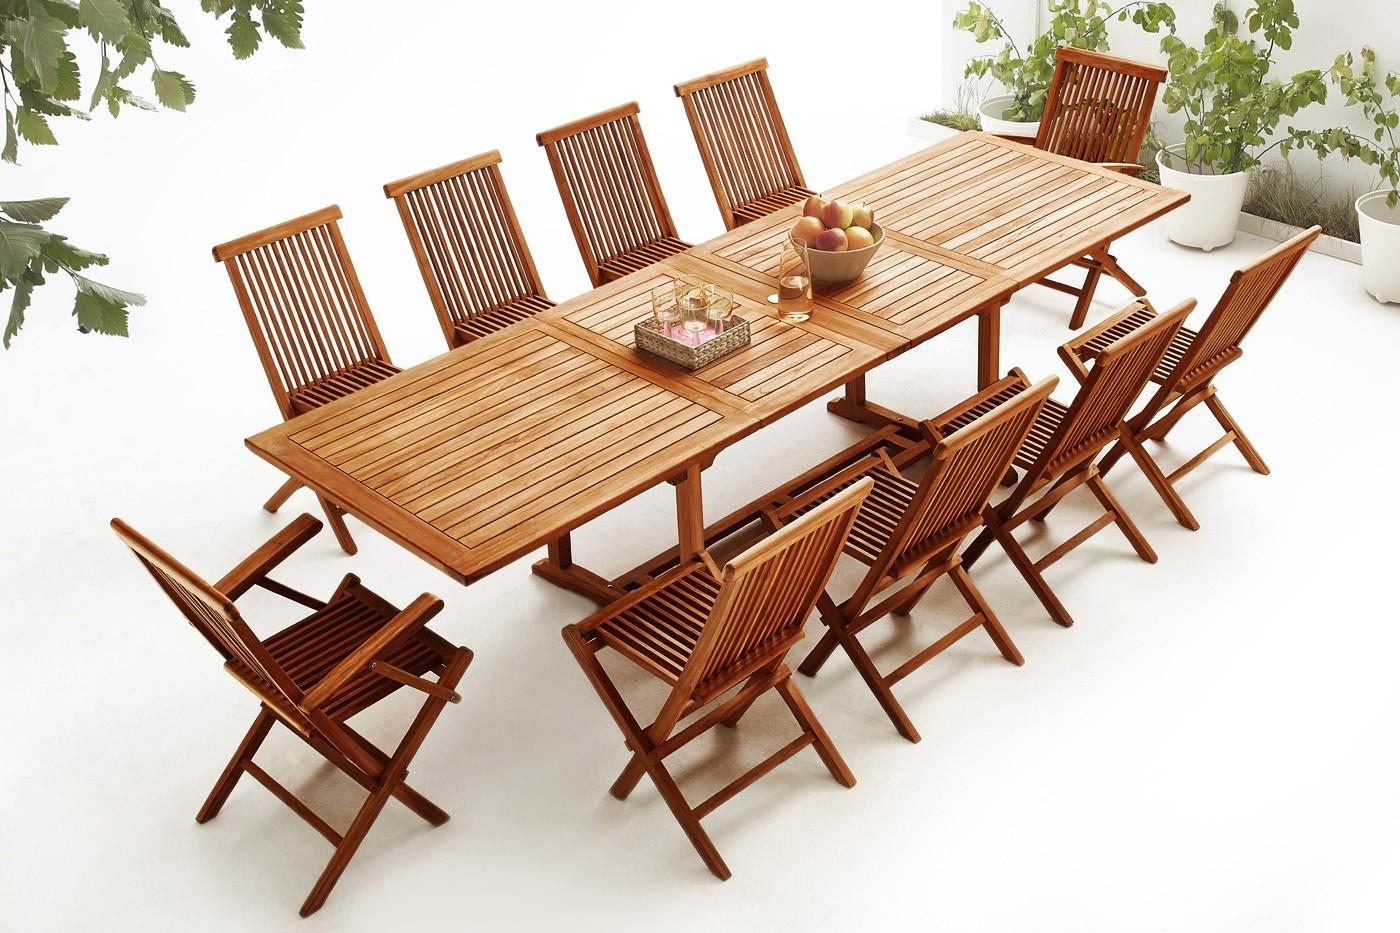 table rectangle 10 chaises 2 fauteuils teck huil bobochic paris. Black Bedroom Furniture Sets. Home Design Ideas